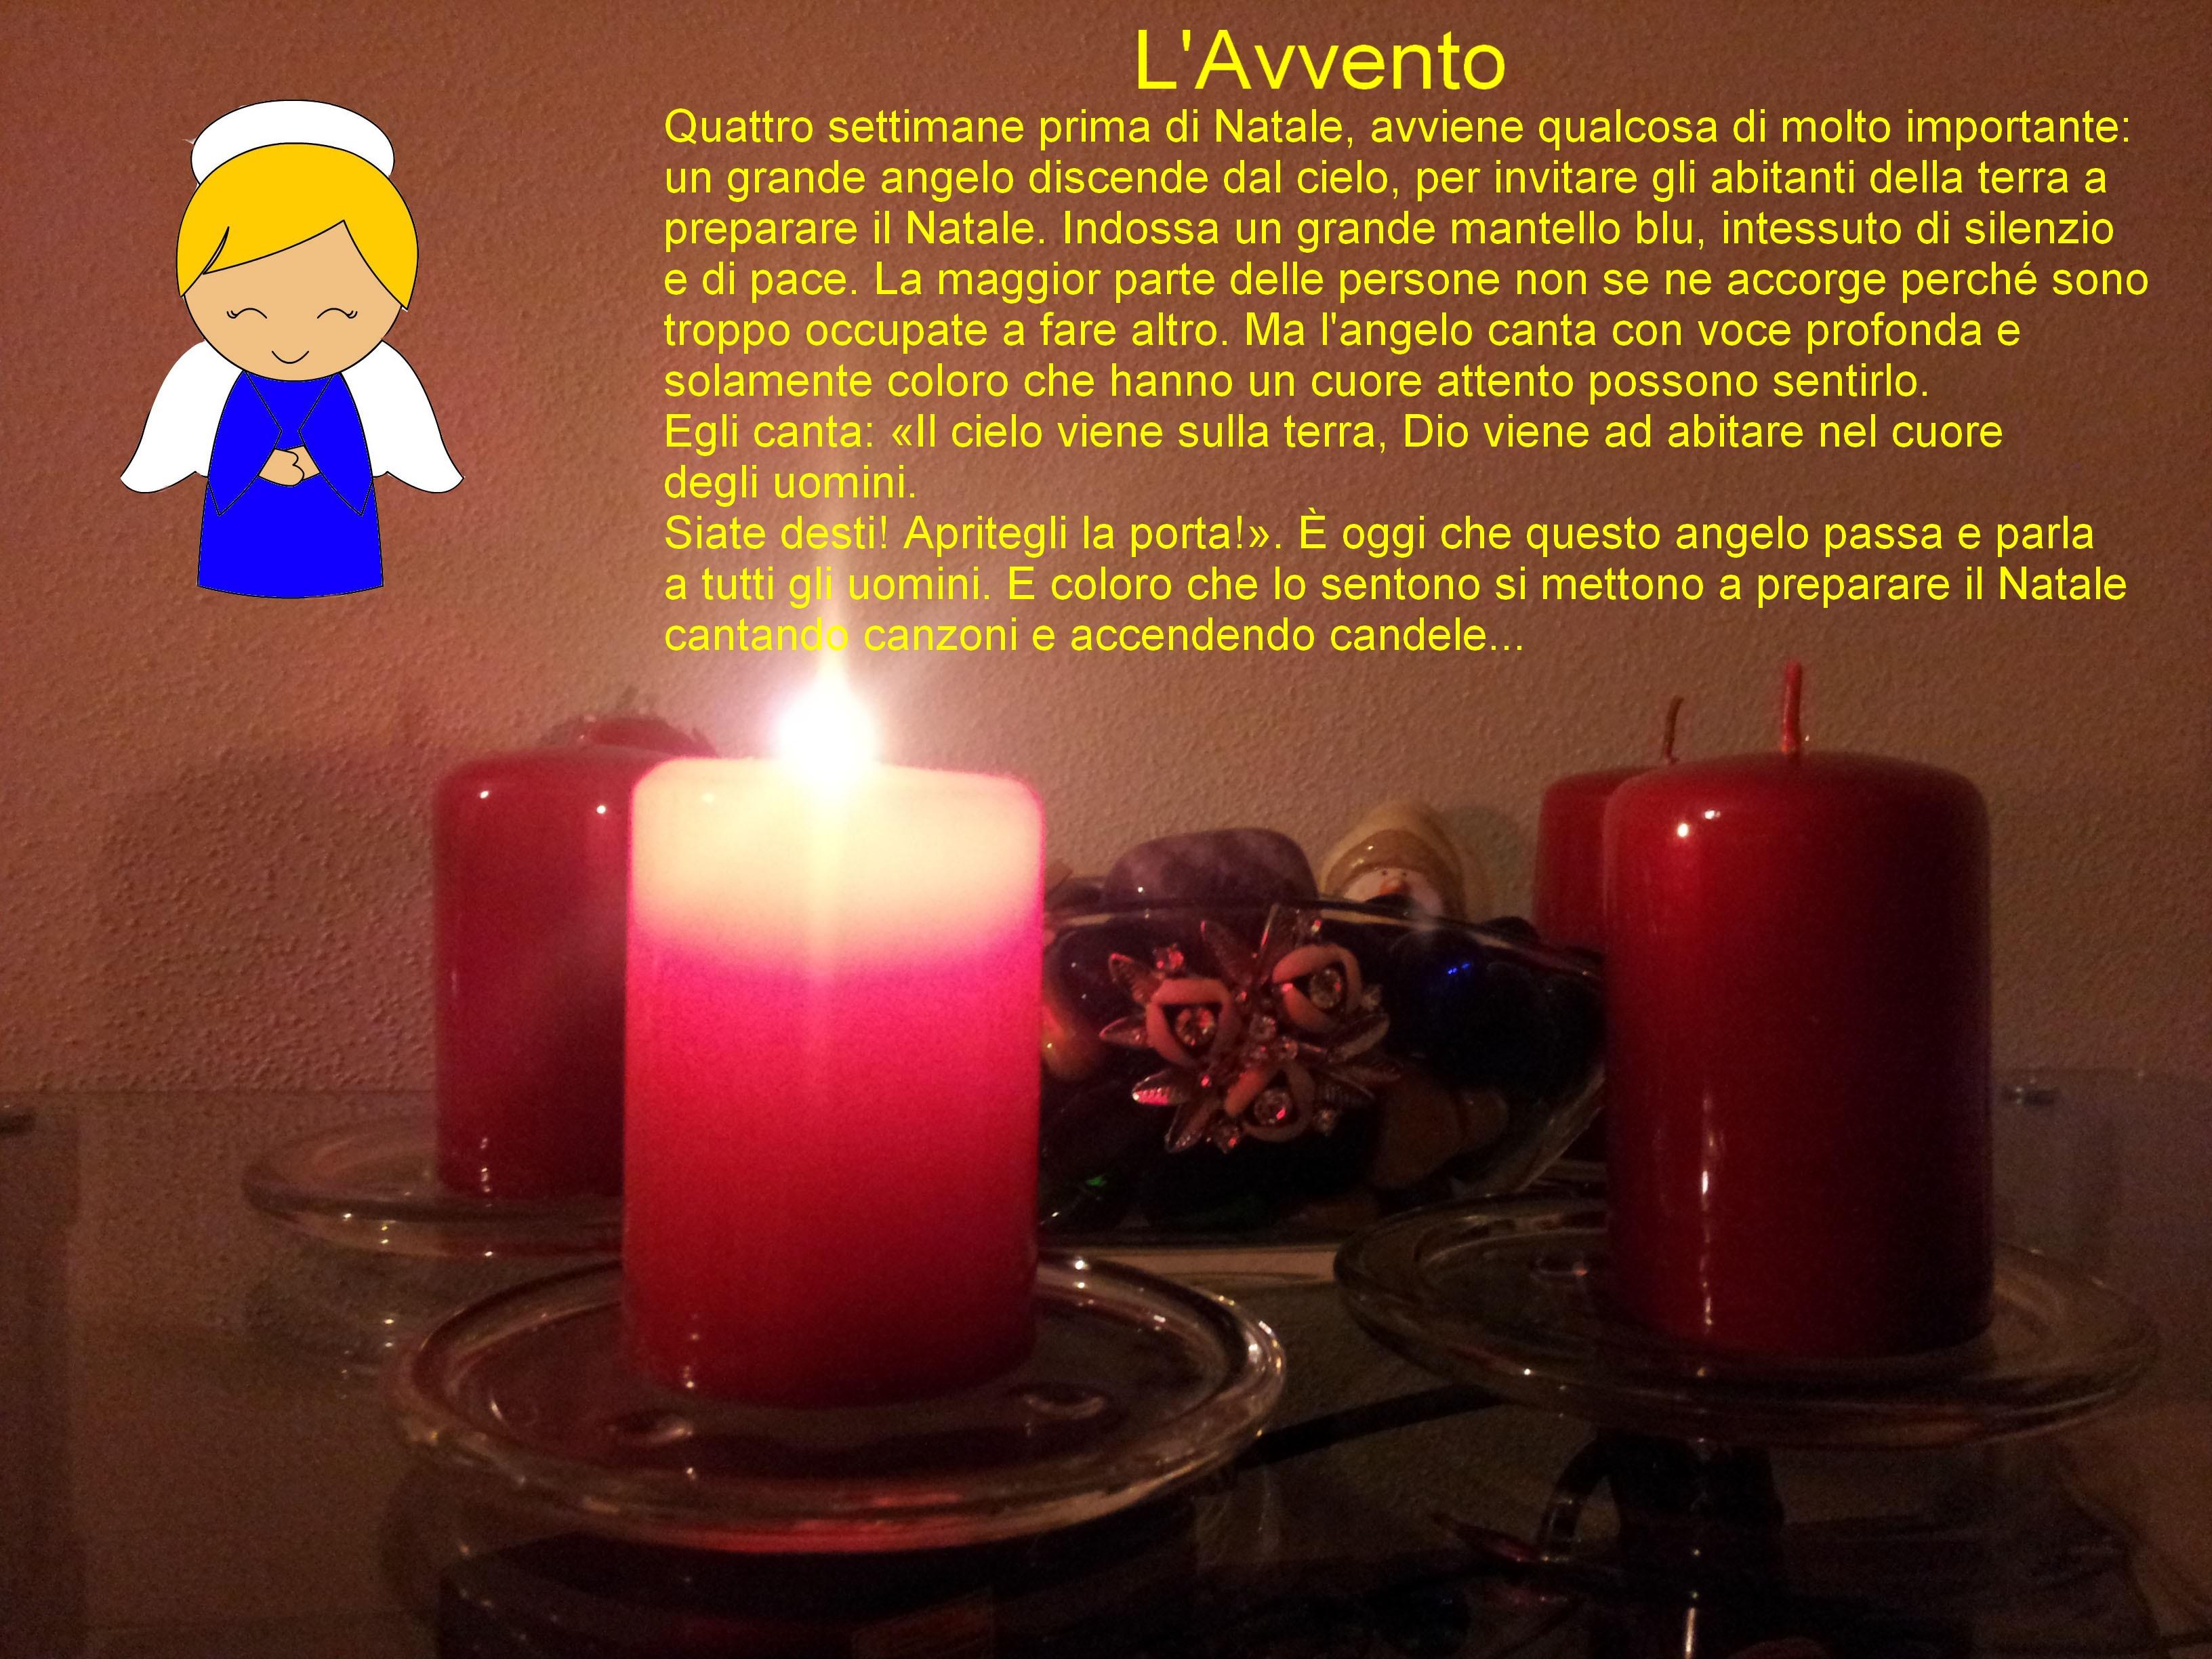 Candele Dell Avvento.Attualita Gianfranco Marangoni